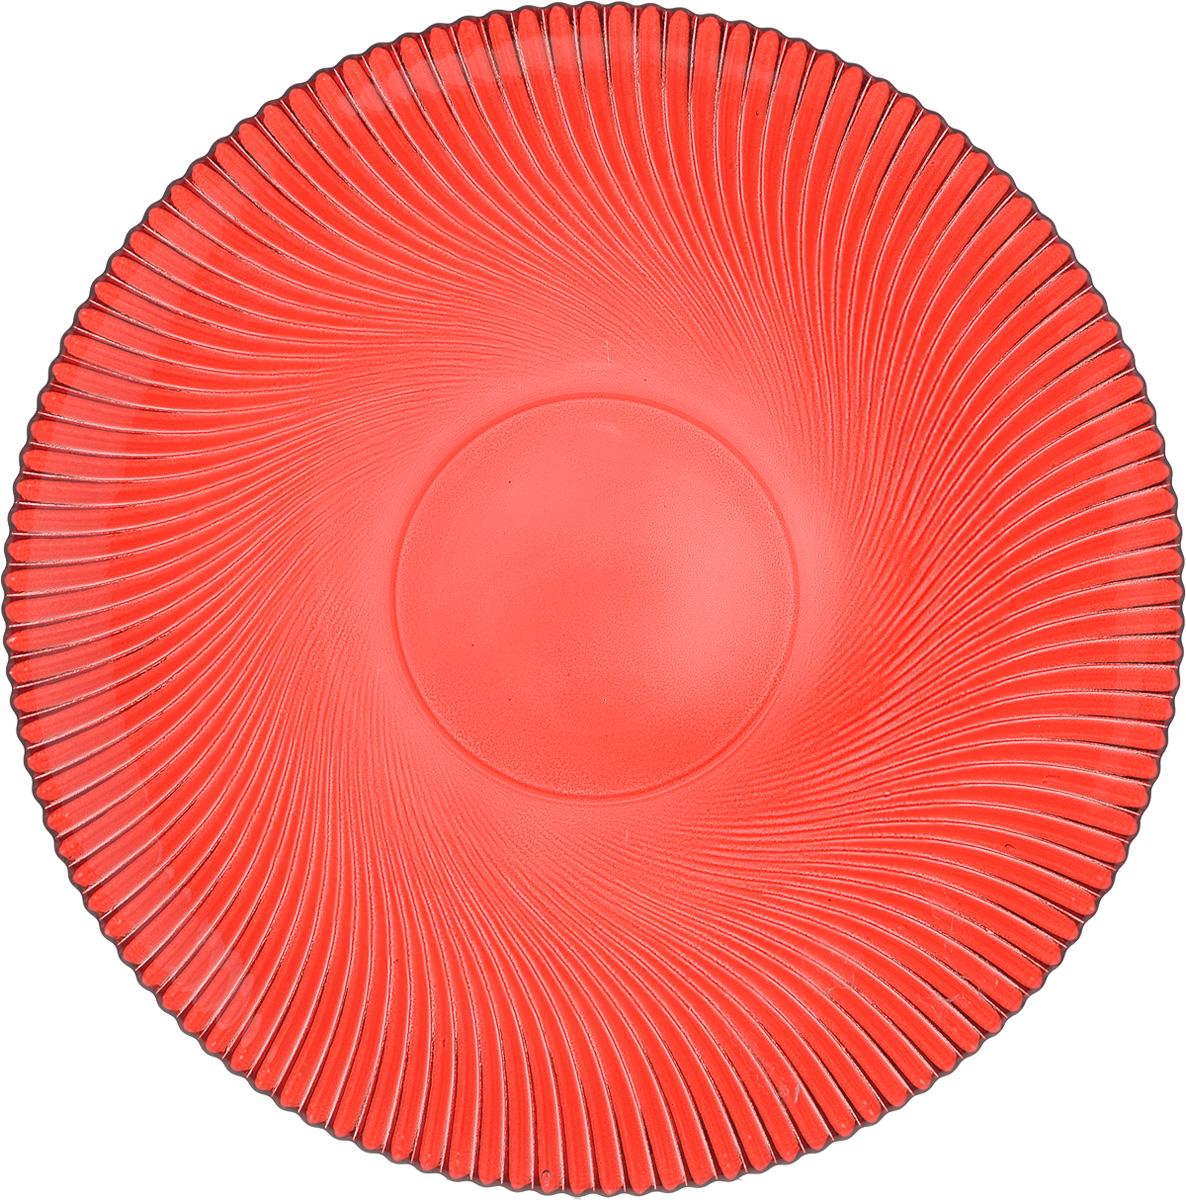 Тарелка NiNaGlass Альтера, цвет: рубиновый, диаметр 26 см83-067-ф260 РУБТарелка NiNaGlass Альтера выполнена из высококачественного стекла и оформлена красивым рельефным узором. Тарелка идеальна для подачи вторых блюд, а также сервировки закусок, нарезок, десертов и многого другого. Она отлично подойдет как для повседневных, так и для торжественных случаев.Такая тарелка прекрасно впишется в интерьер вашей кухни и станет достойным дополнением к кухонному инвентарю.